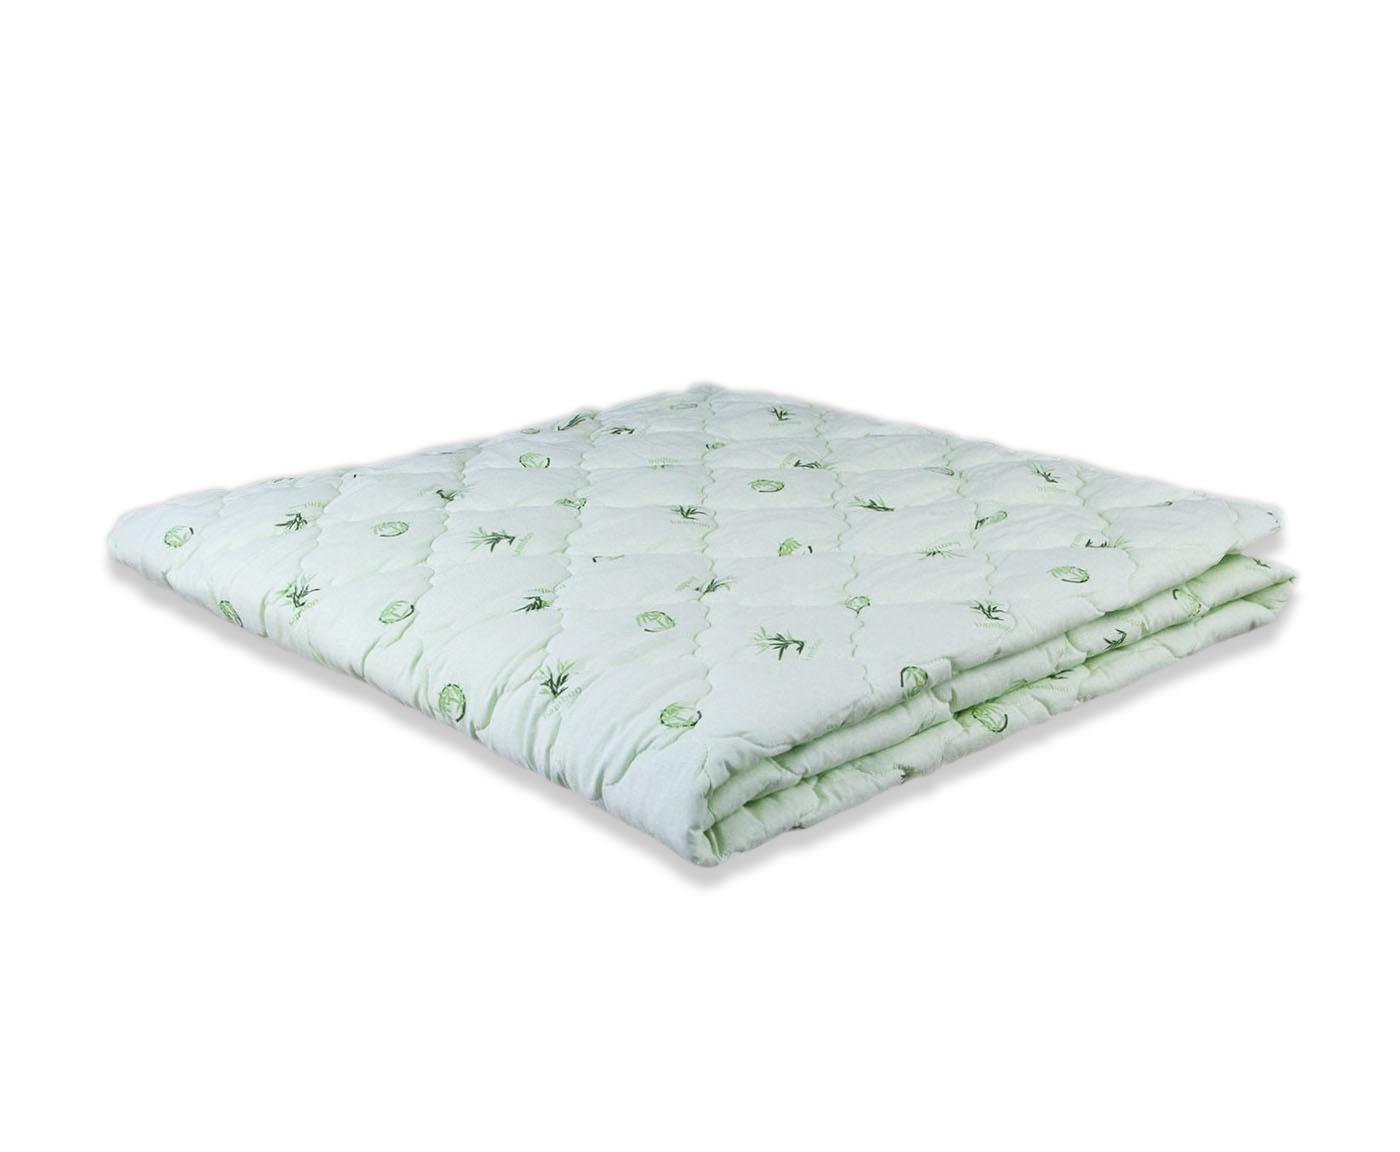 Одеяло детскоеОБ(03)-10(О)/салатовый с принтомОБ(03)-10(О)/салатовый с принтомДетское стёганное, окантованное, облегчённое одеяло. Одеяло выполнено из силиконизированного волокна. Оно имеет схожие свойства с искусственным бамбуковым волокном. Такие одеяла очень тёплые с хорошей влаговпитываемостью. В жаркие и в холодные дни под ним всегда комфортно. В одеяле не скапливается пыль, что благотворно влияет на комфортный отдых.Ткань: хлопок, ткань, которая хорошо пропускает воздух, что только увеличивает свойства одеяла из силиконизированного волокна.Уход: стирка, возможна, в стиральной машине, на деликатном режиме, минимальный отжим, сушка на горизонтальной поверхности.тк.: тик (хлопок 100%)нап.: полиэфирное силиконизированное волокно (аналог натурального волокна Алое Вера) 200 гр./м2